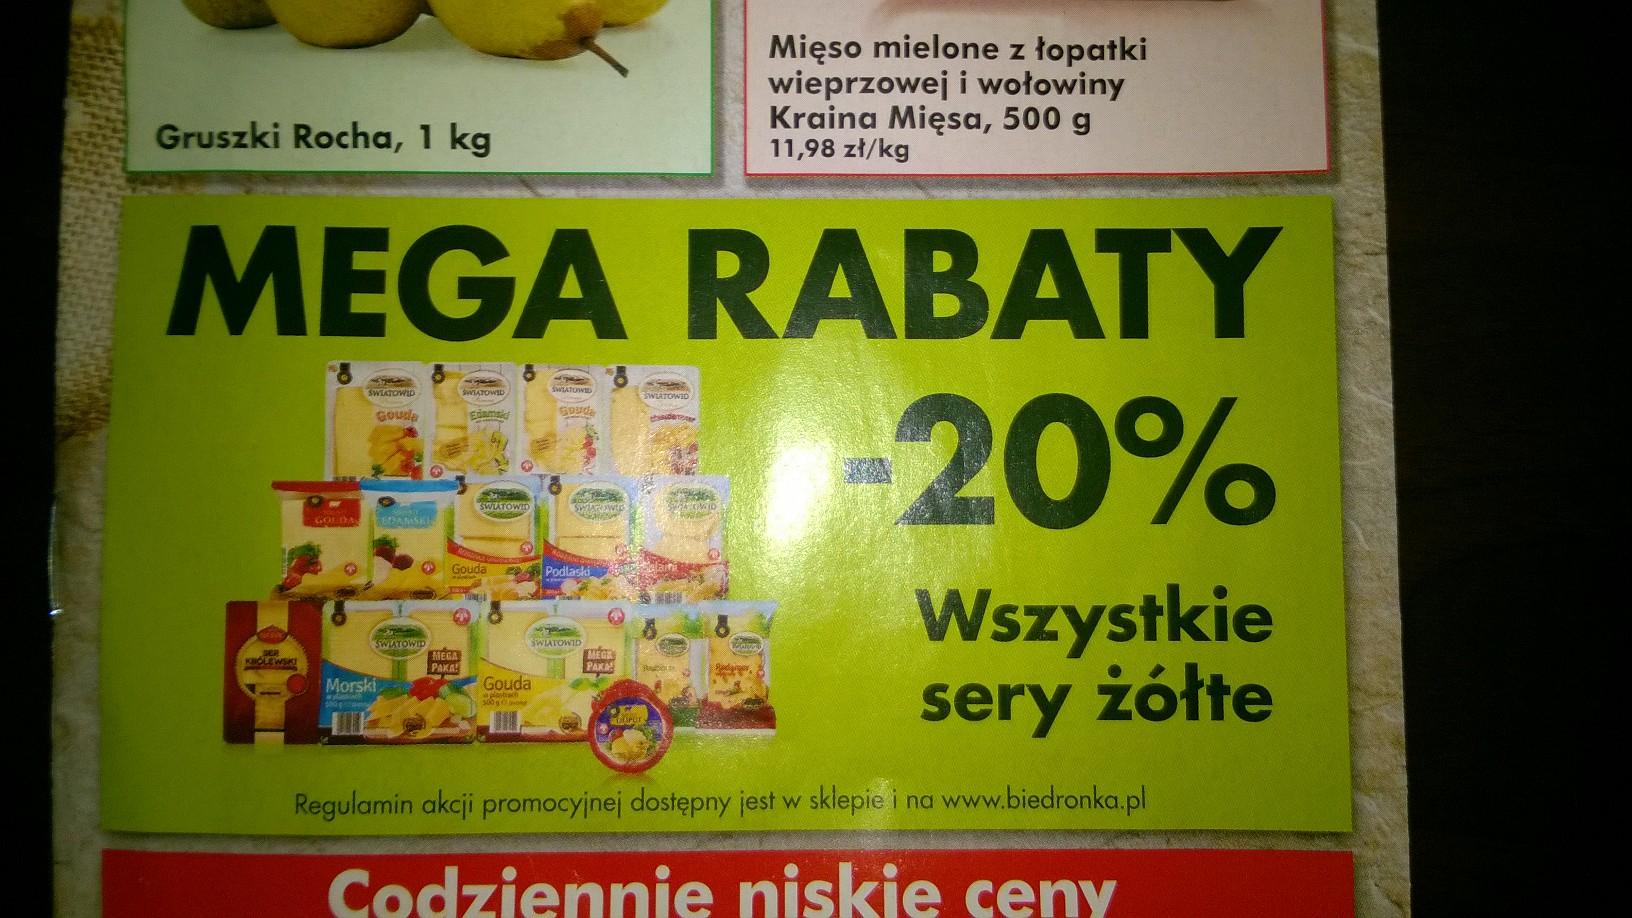 MEGA RABATY!!! -20% na wszystkie sery żółte @ Biedronka